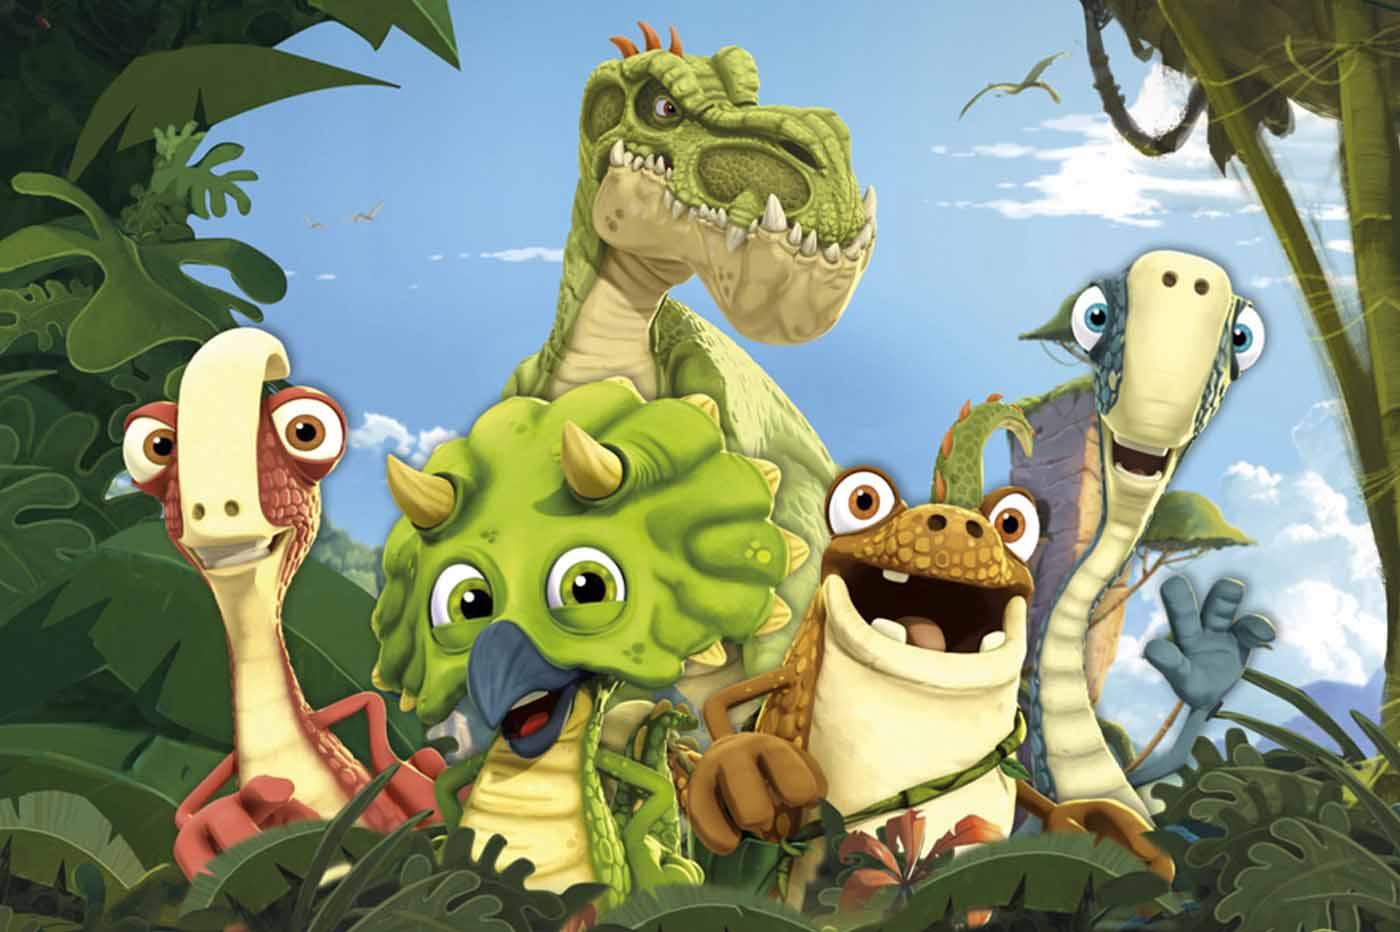 GIgantosaurus crítica TV